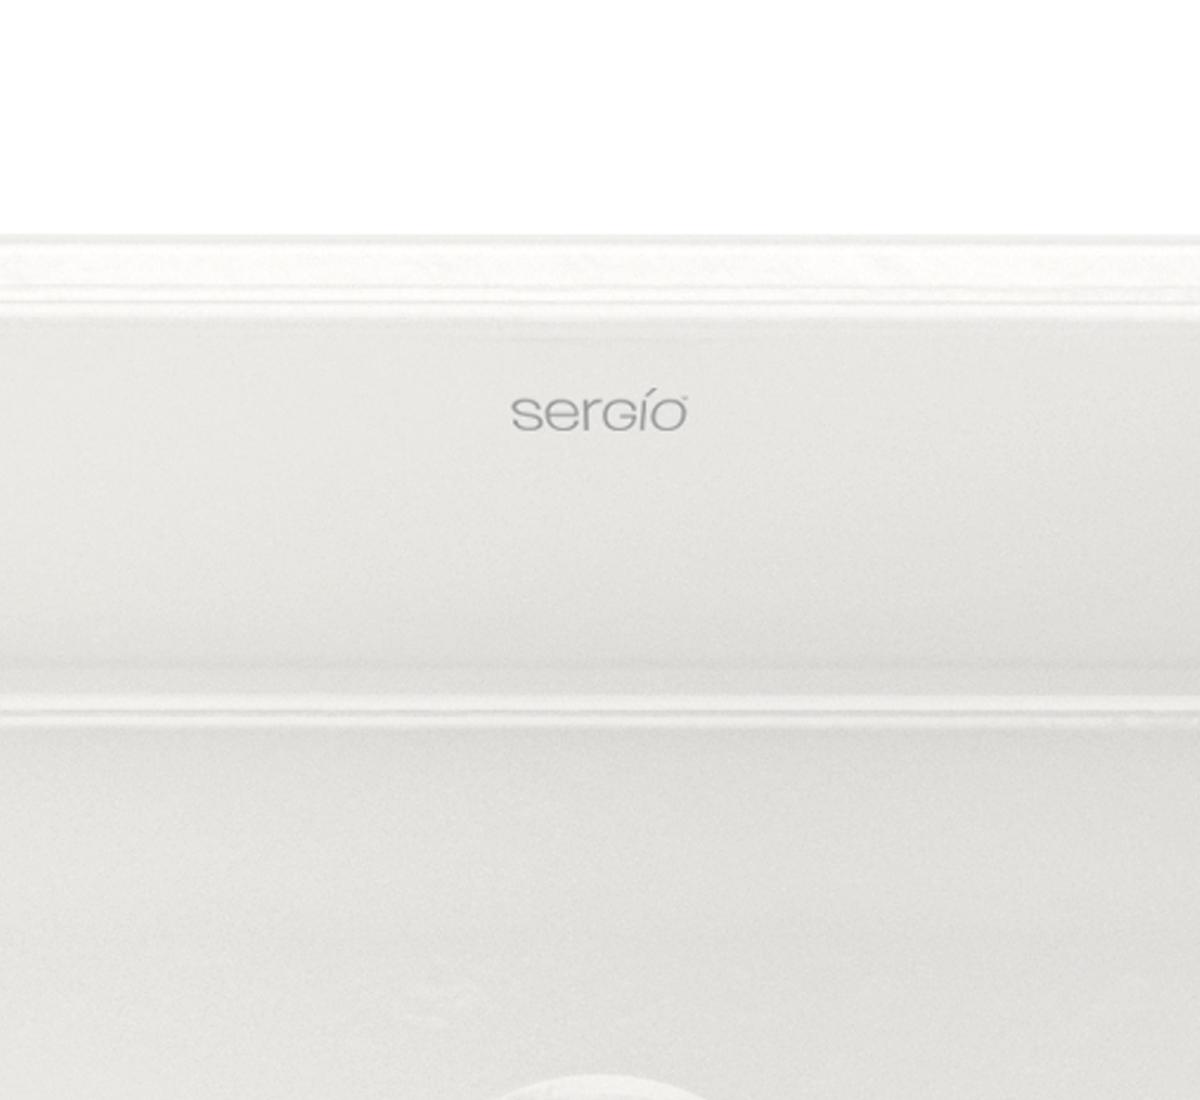 Sergio Ceramic Sink